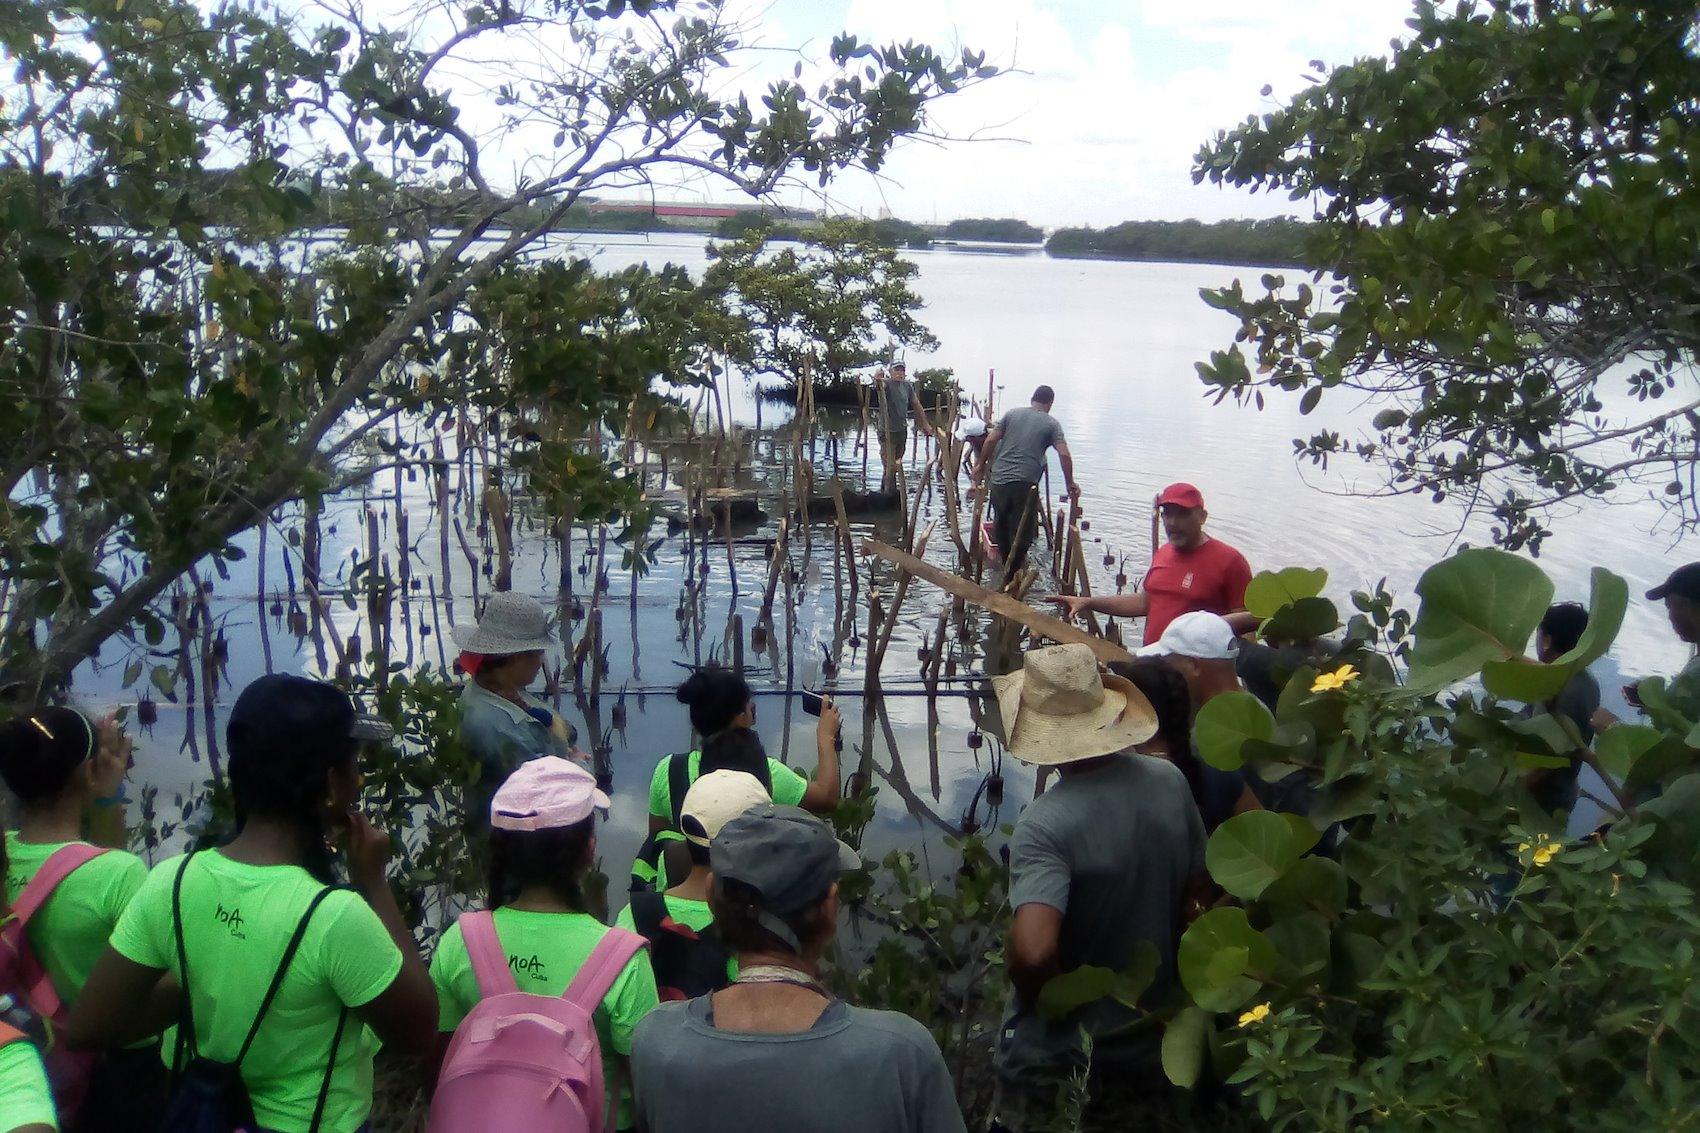 Capacitación de estudiantes sobre restauración de manglares utilizando estanquillos en la bahía de La Habana / Crédito de la foto: Proyecto Manglar Vivo, PNUD Cuba